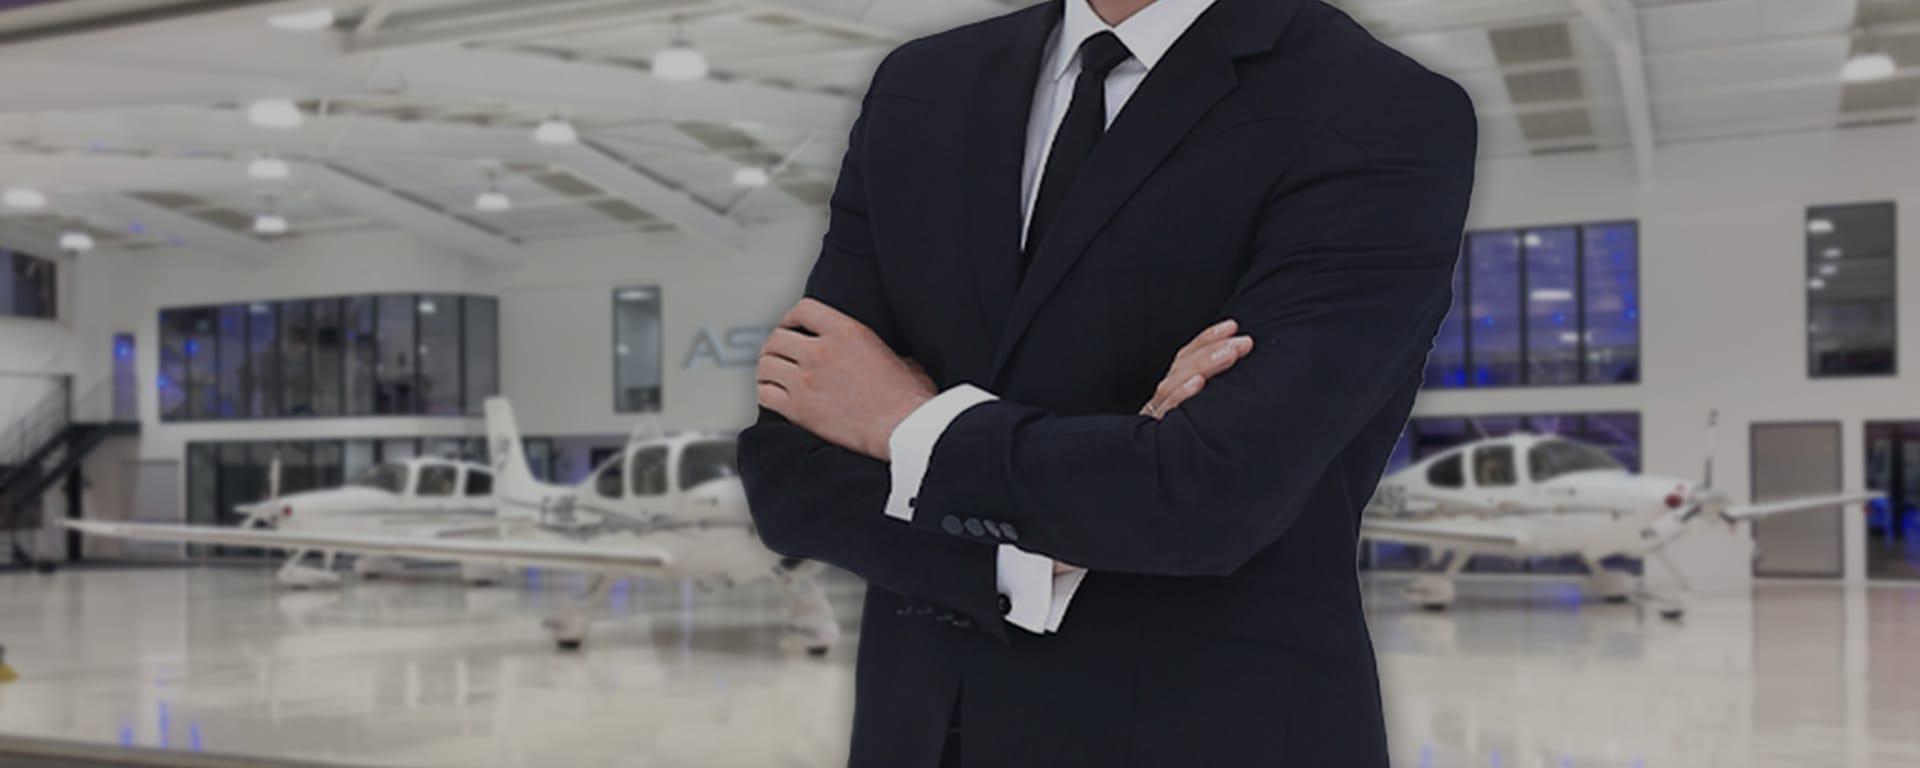 Recrutement Directeur Général